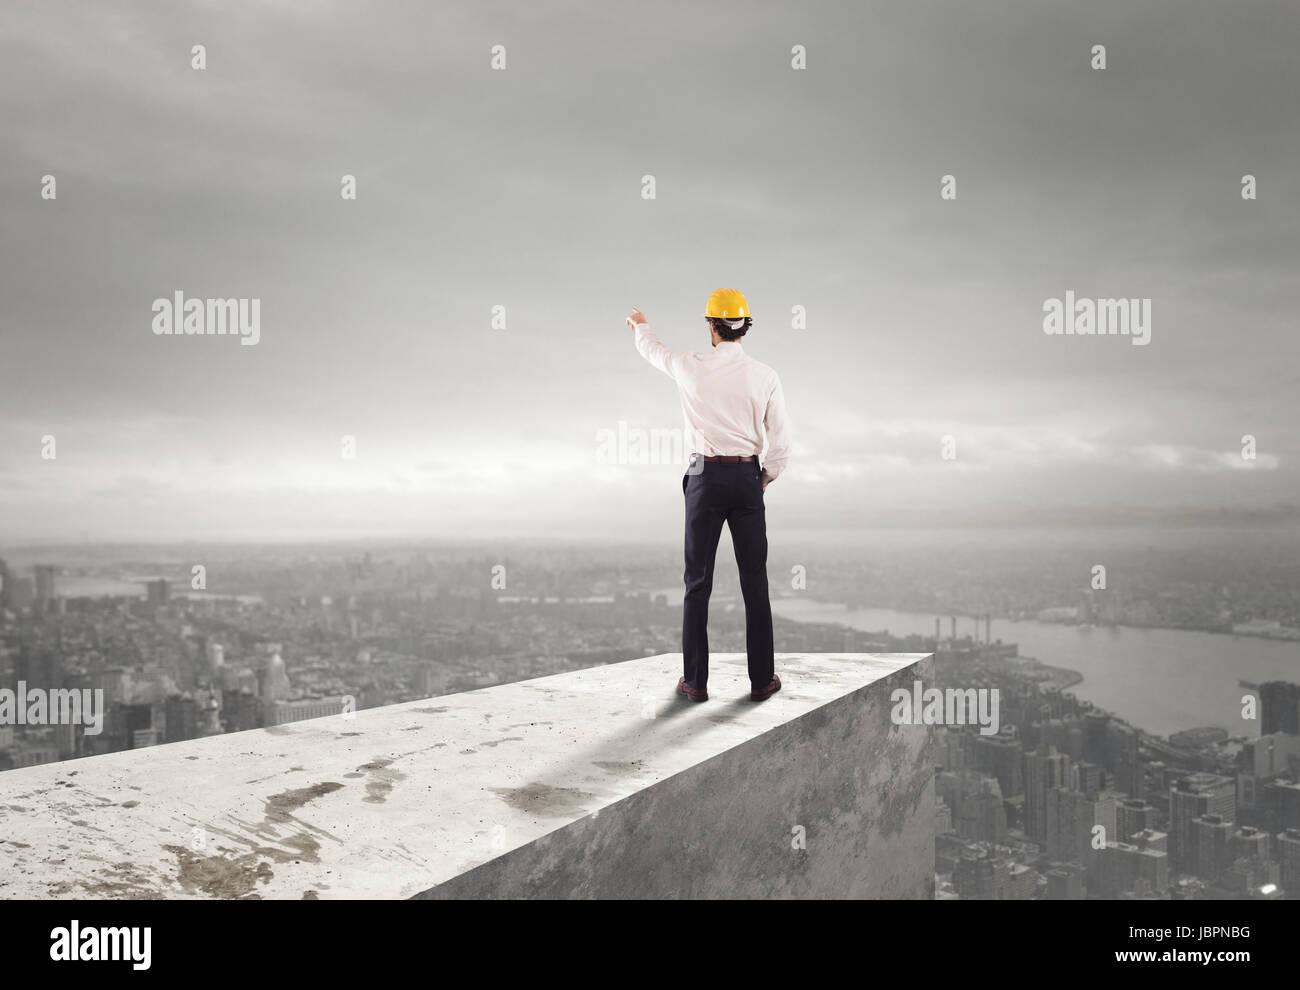 Geschäftsmann mit Helm zeigt die richtige Richtung Stockbild